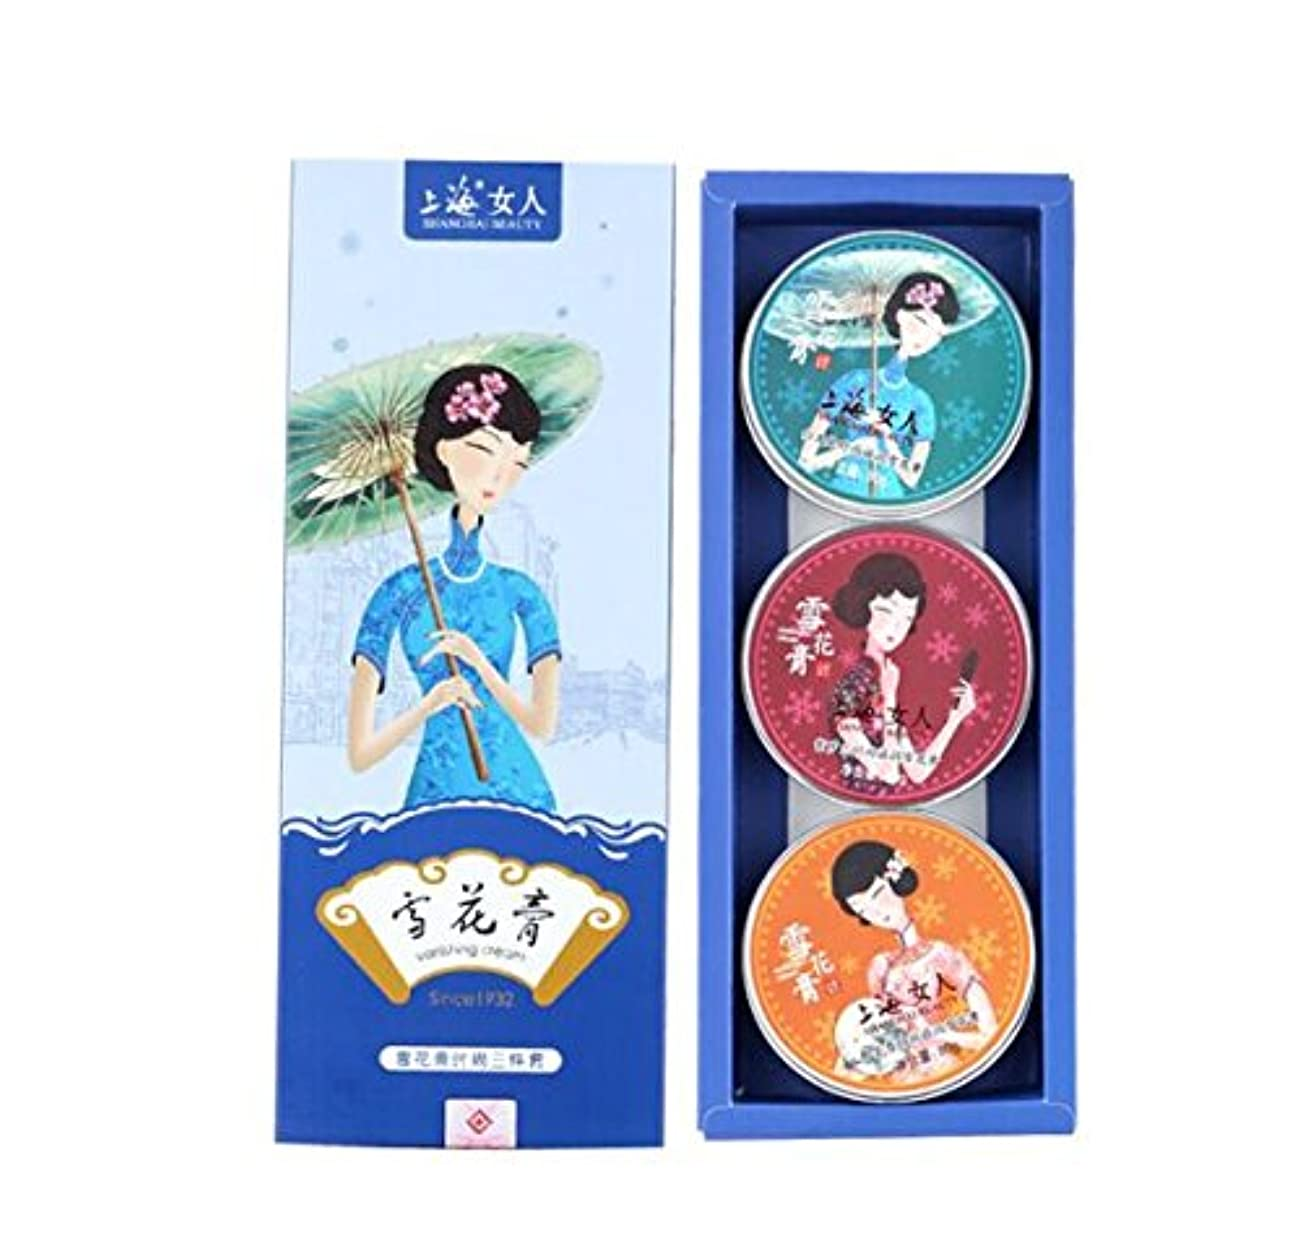 荷物広くネクタイ[オピニオン]中国製の化粧品上海の女性80g*3